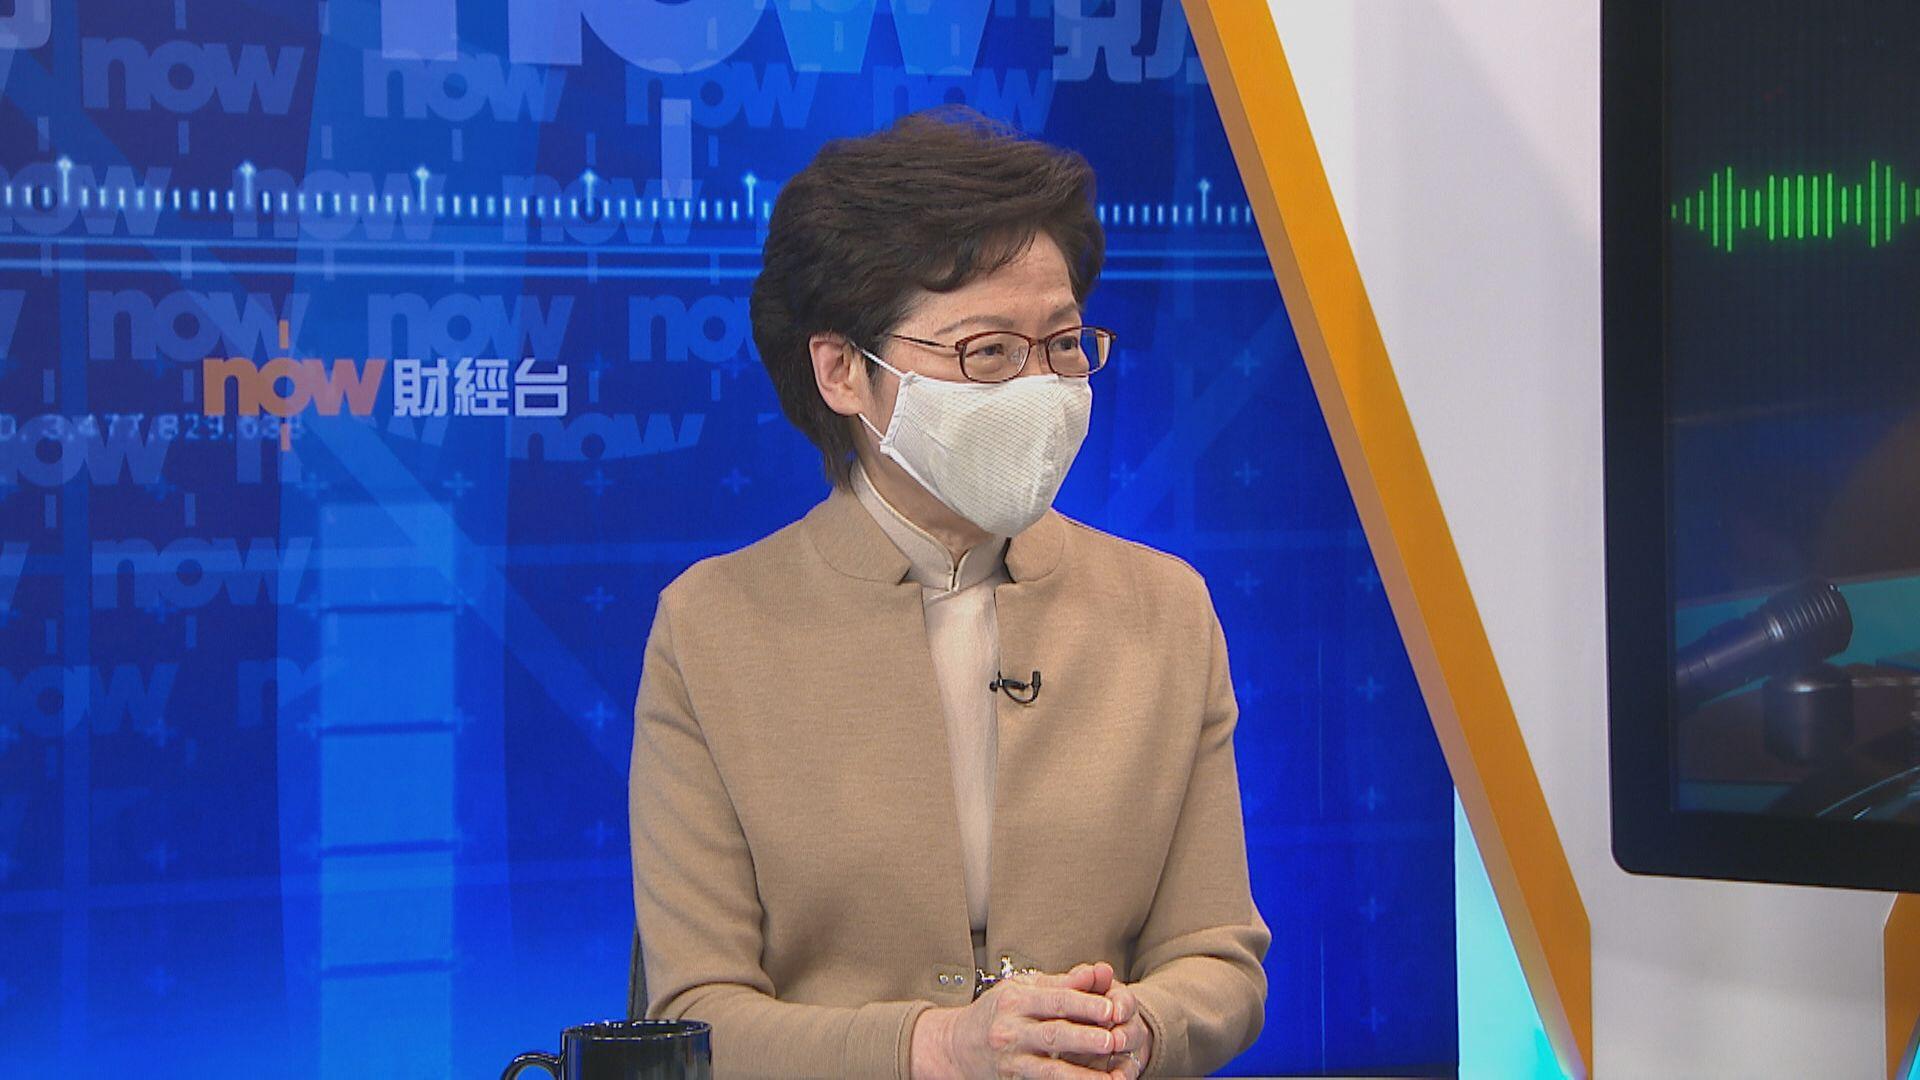 林鄭:不會修訂防止賄賂條例 將行政長官納入規管範圍